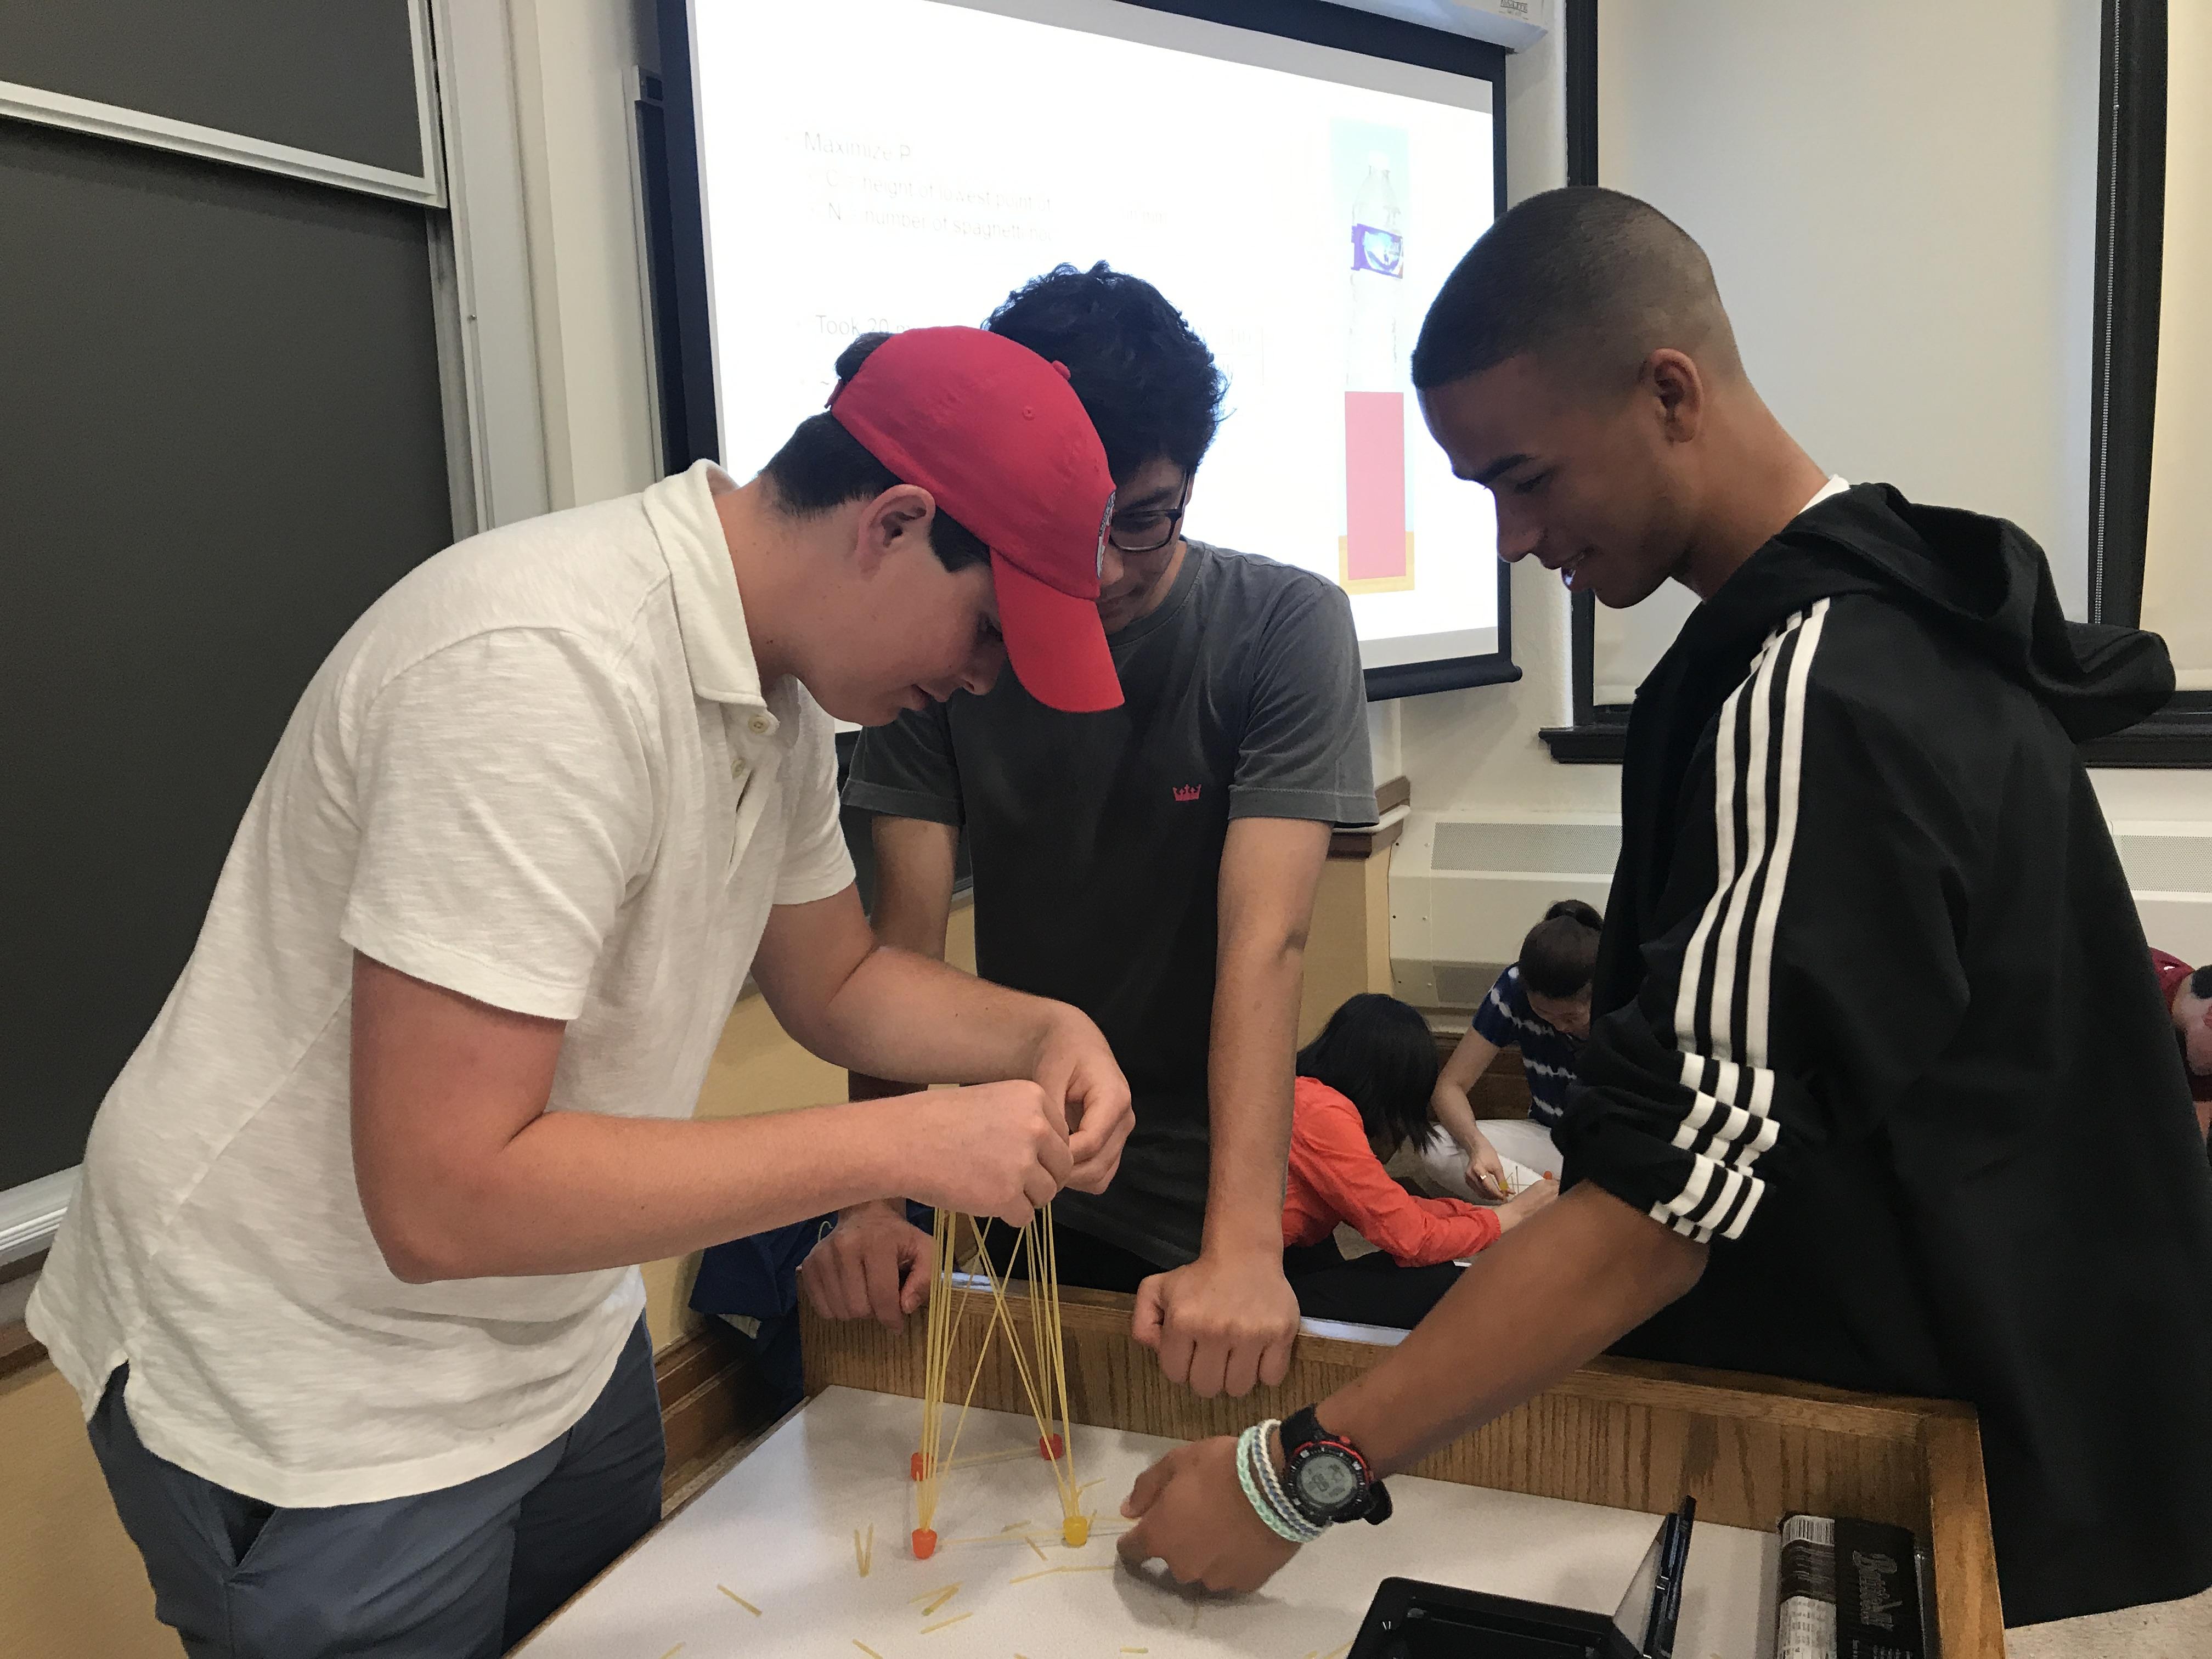 Summer Program - Video Gaming | Engineering Summer Academy at Penn